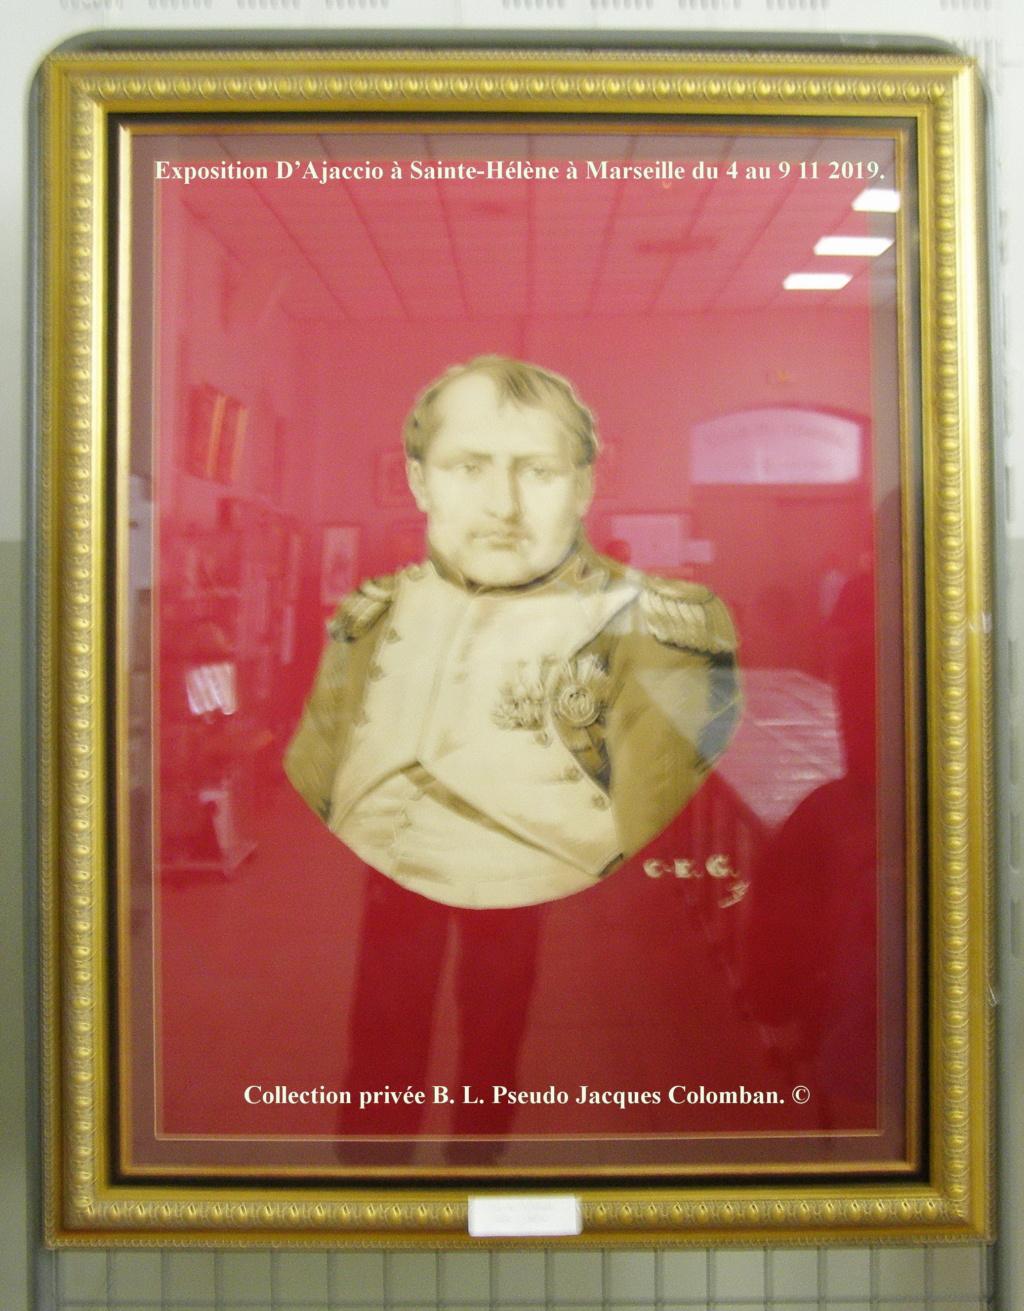 Exposition D'Ajaccio à Sainte-Hélène à Marseille. 910